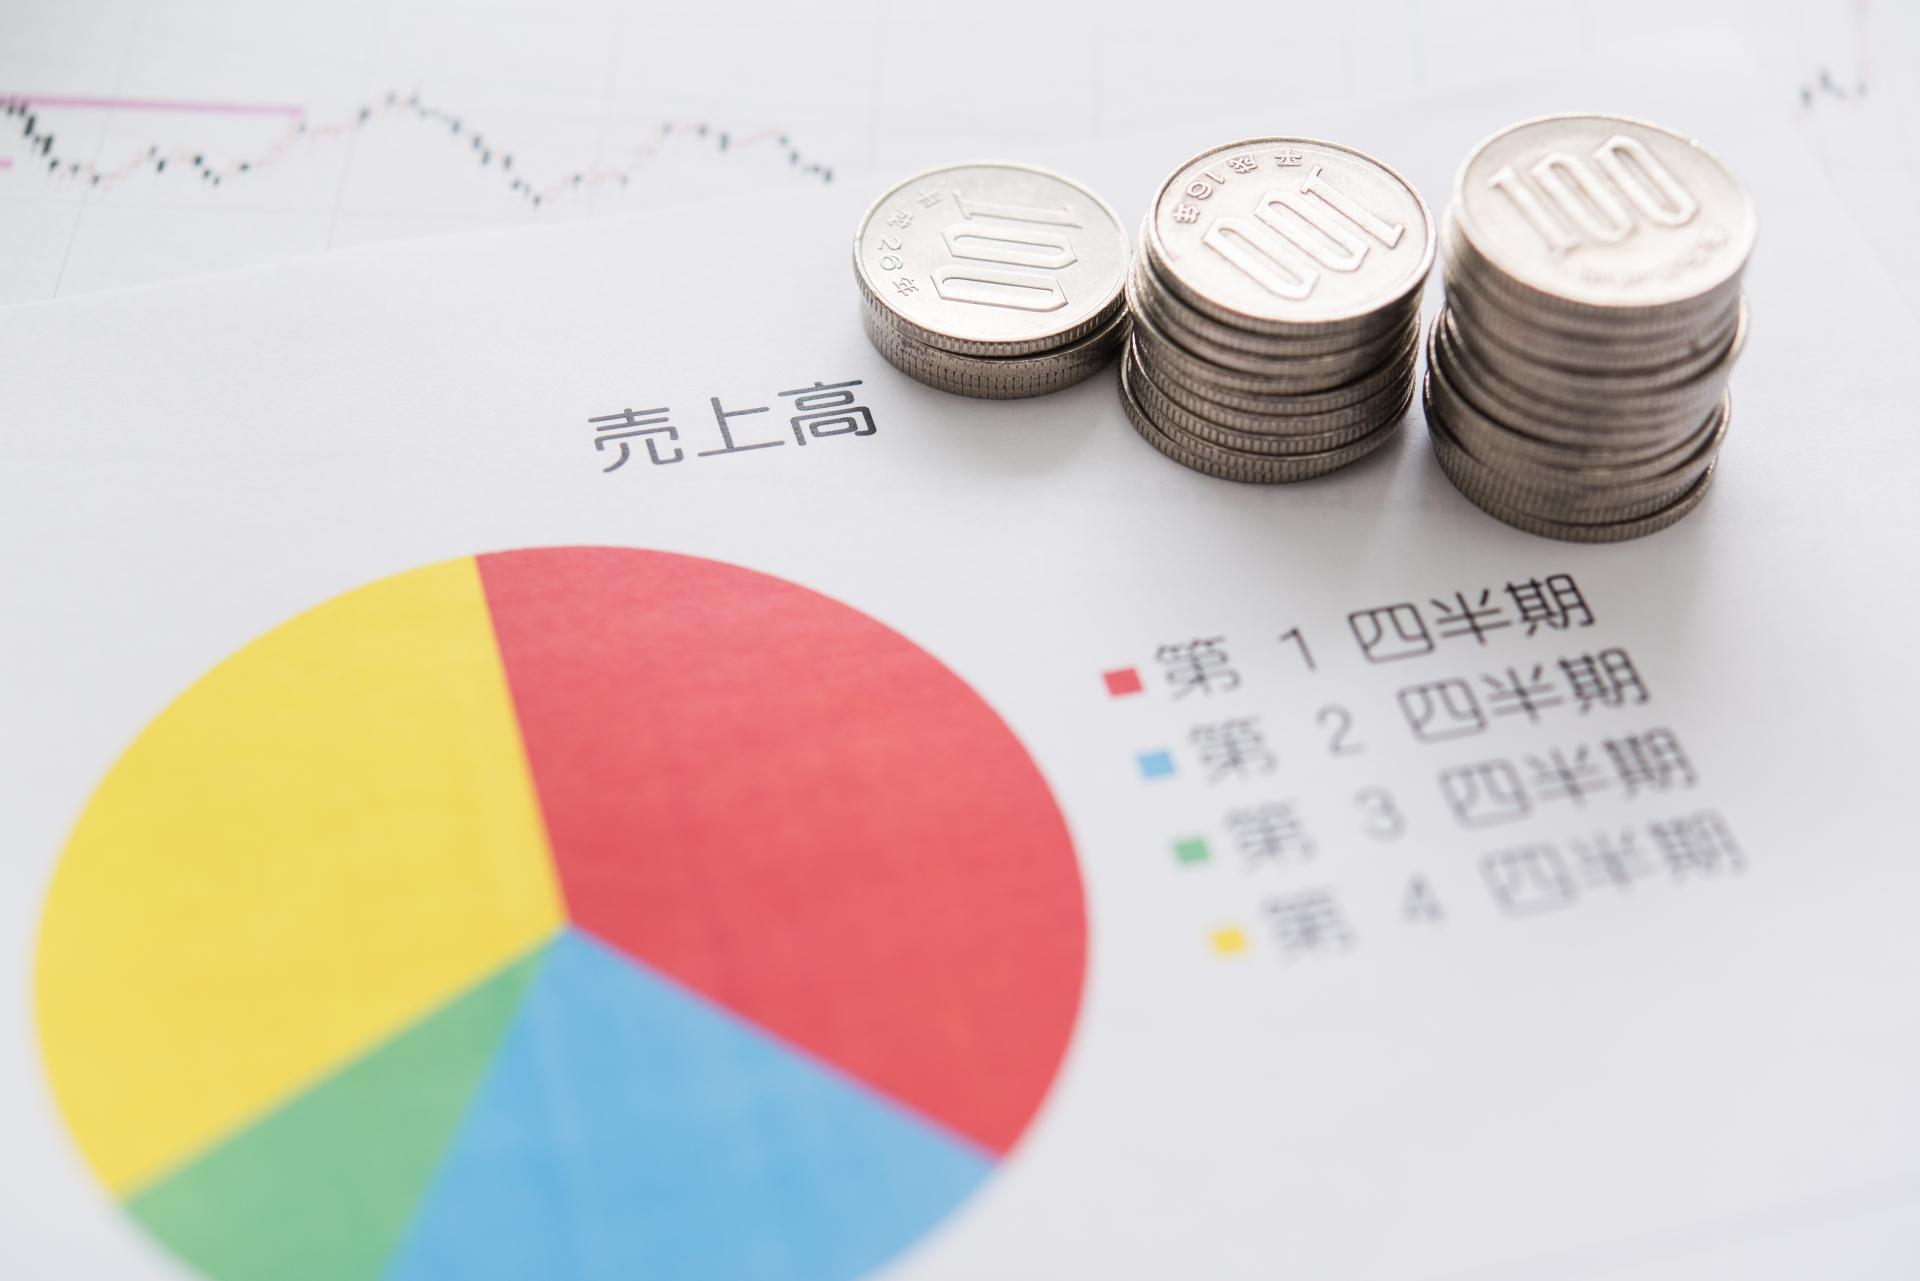 「法人税関係法令の改正の概要」を公表